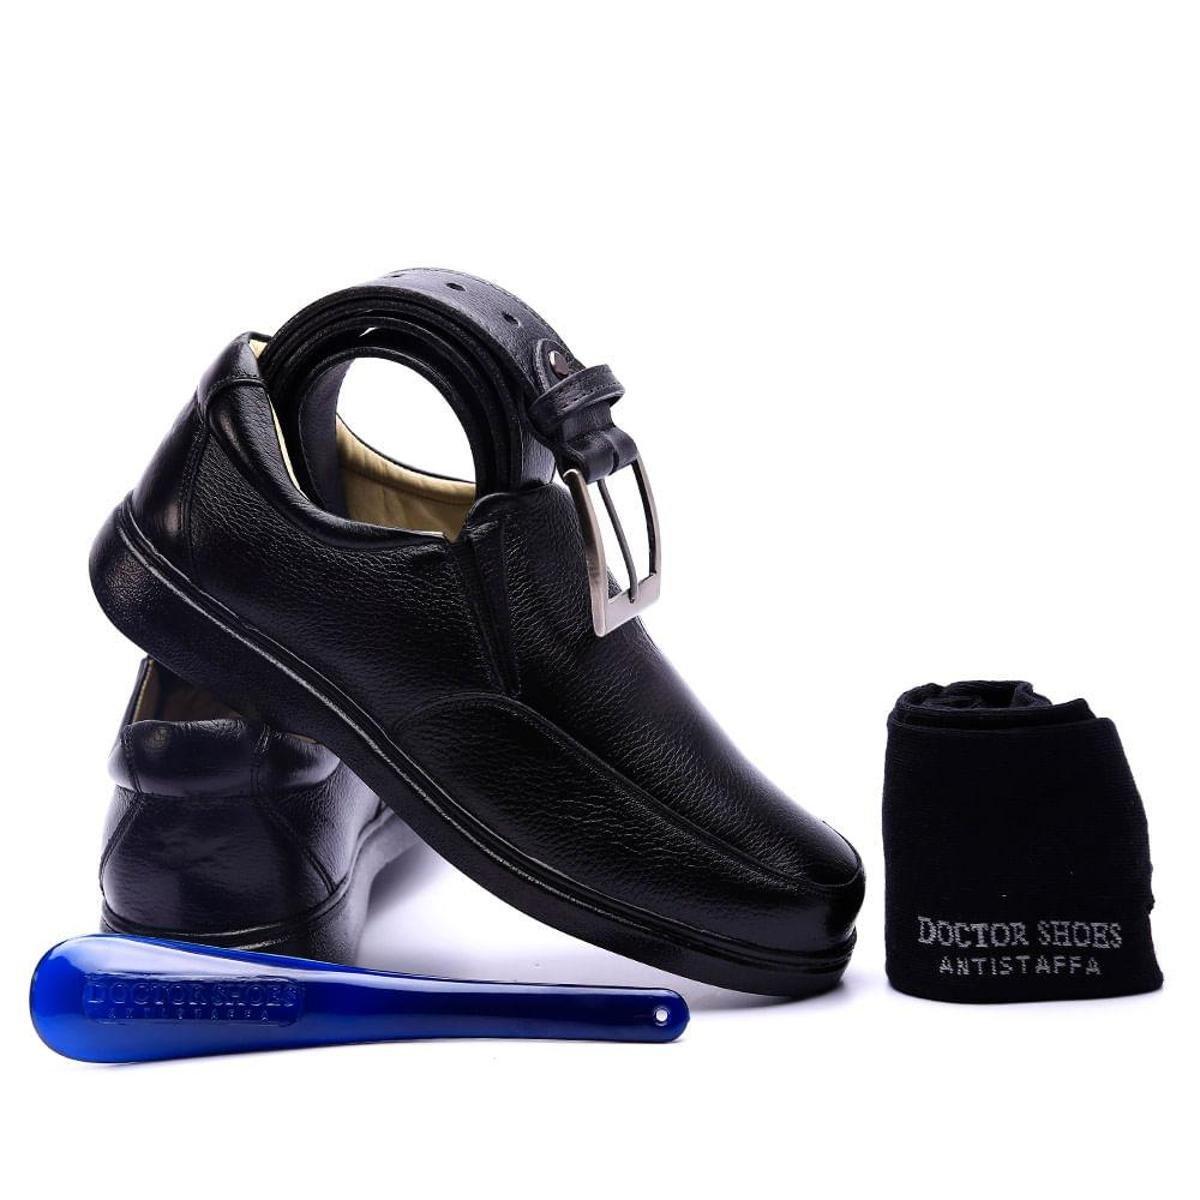 Preto Kit Calçadeira Kit Shoes Masculino Masculino Cinto Meia Sapato Doctor zBqp7wrzS